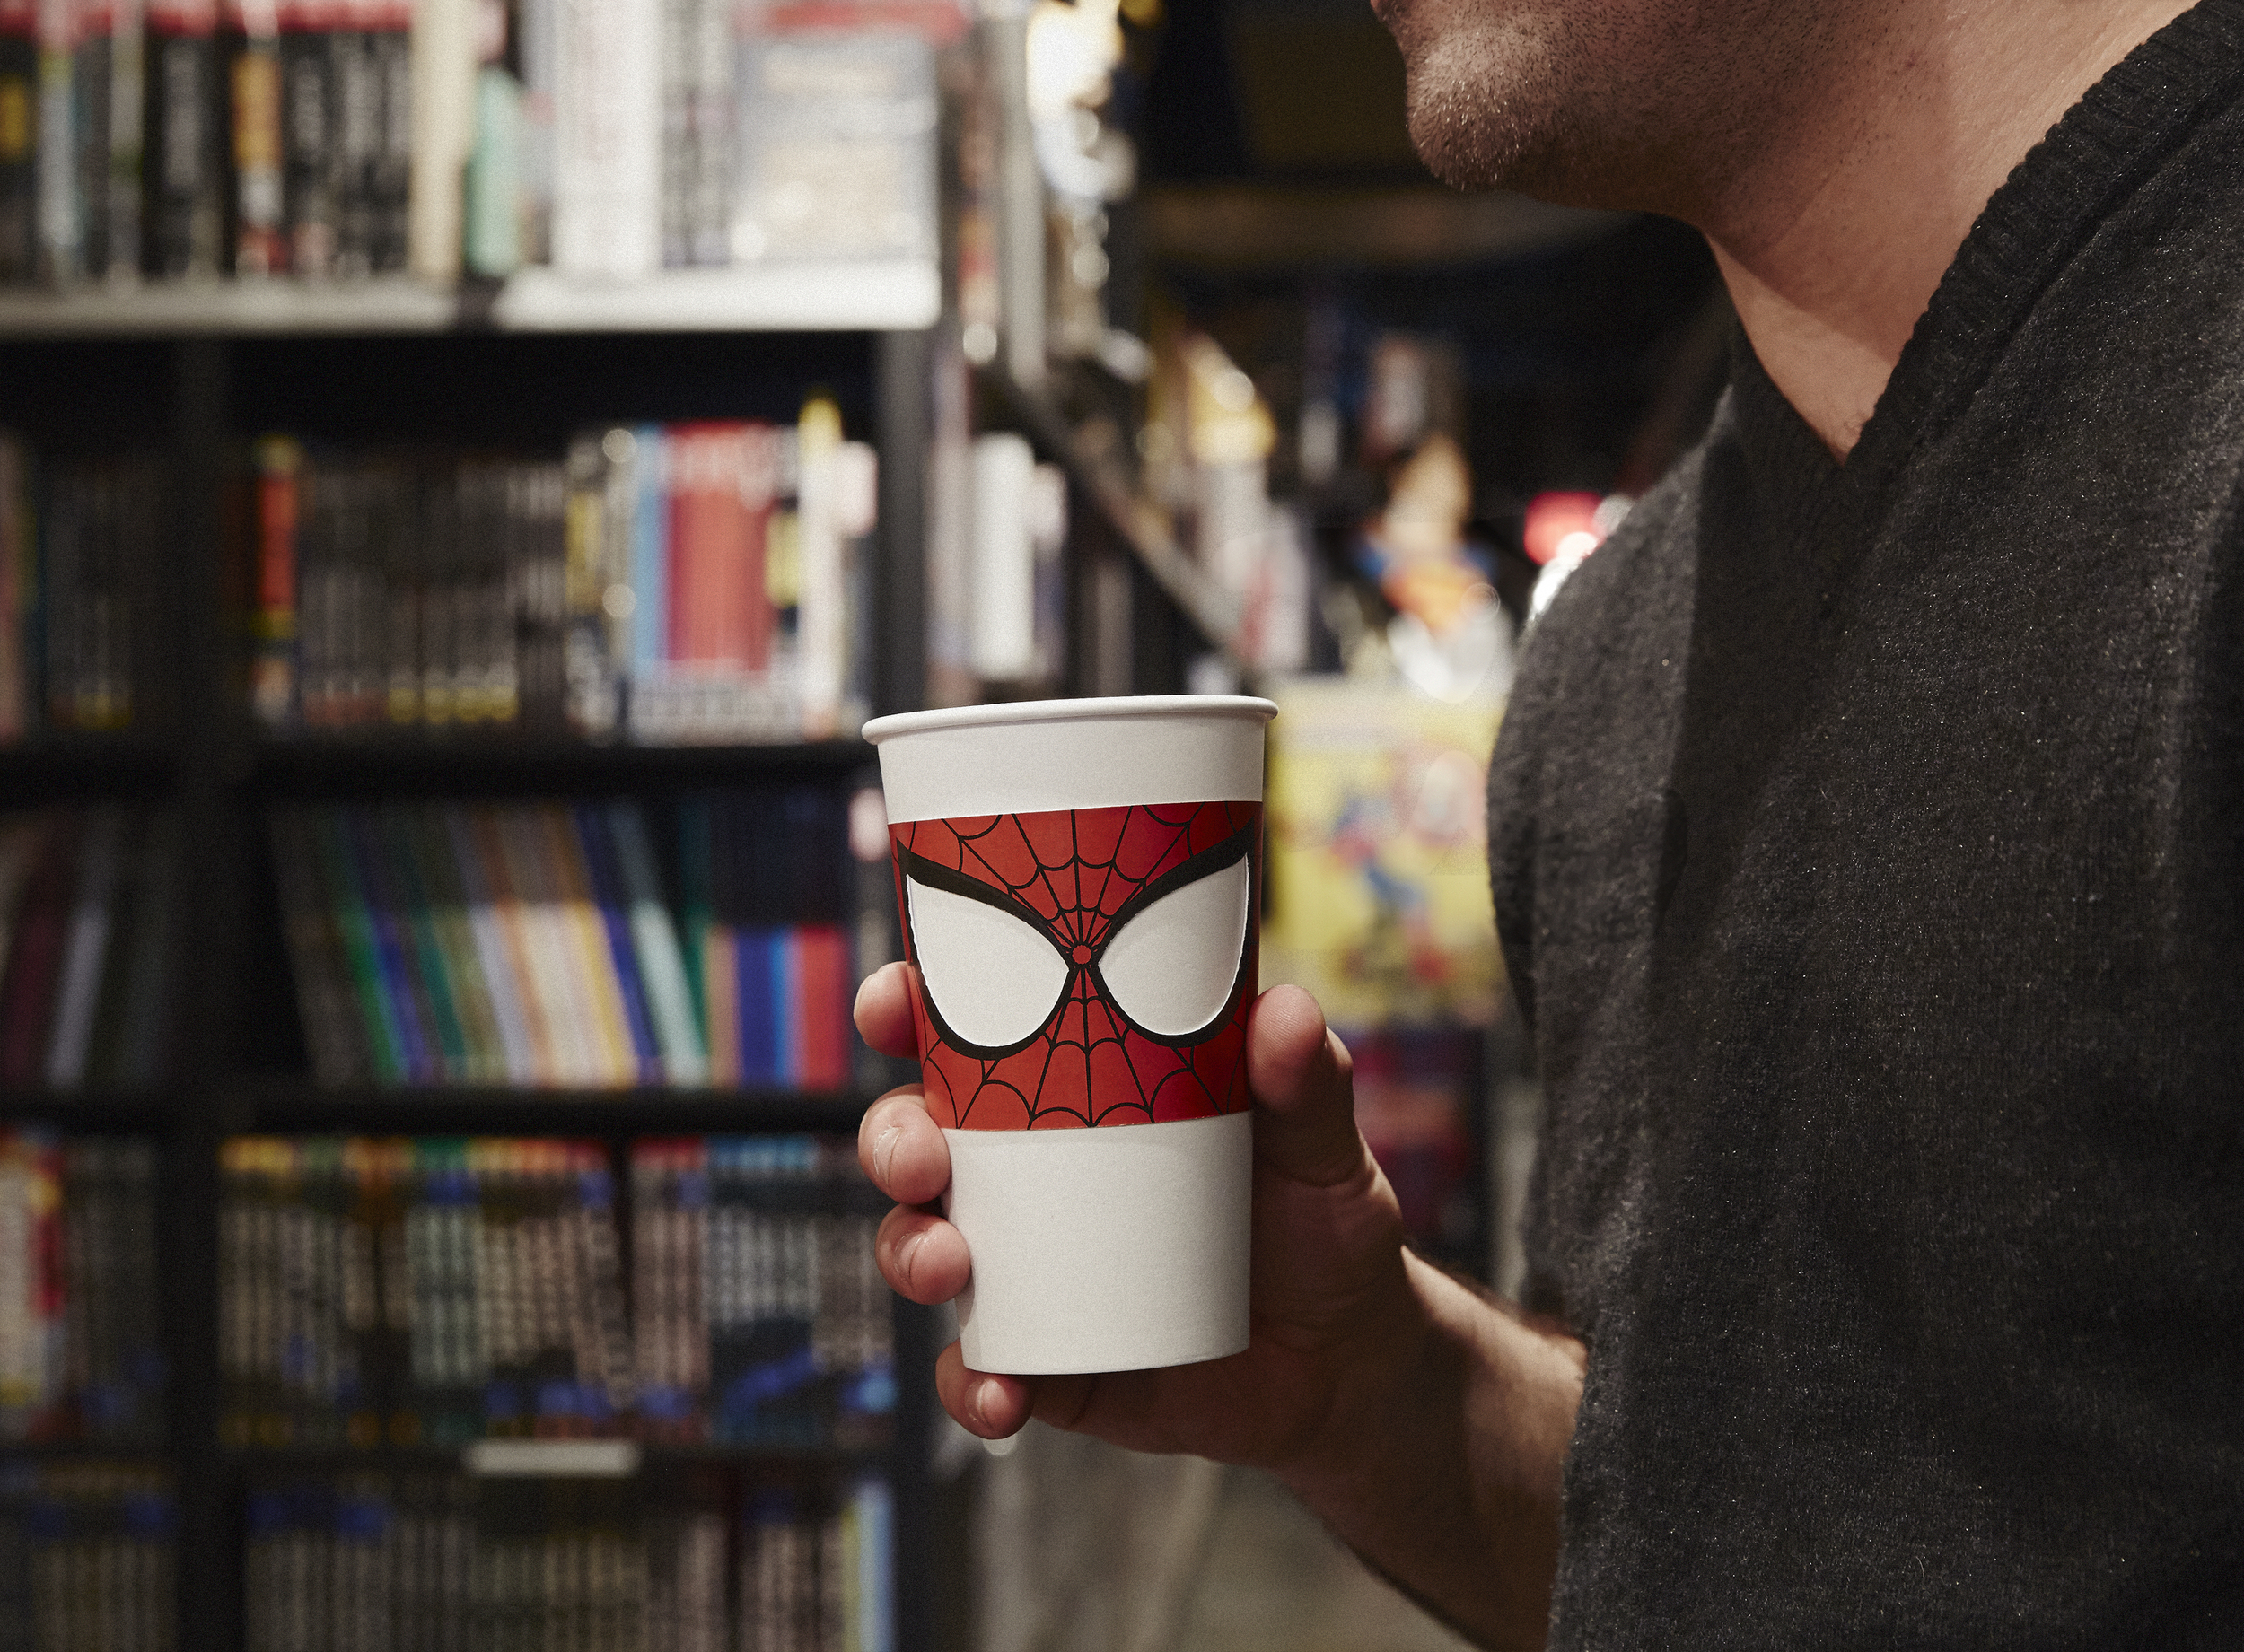 Spiderman_cup.jpg